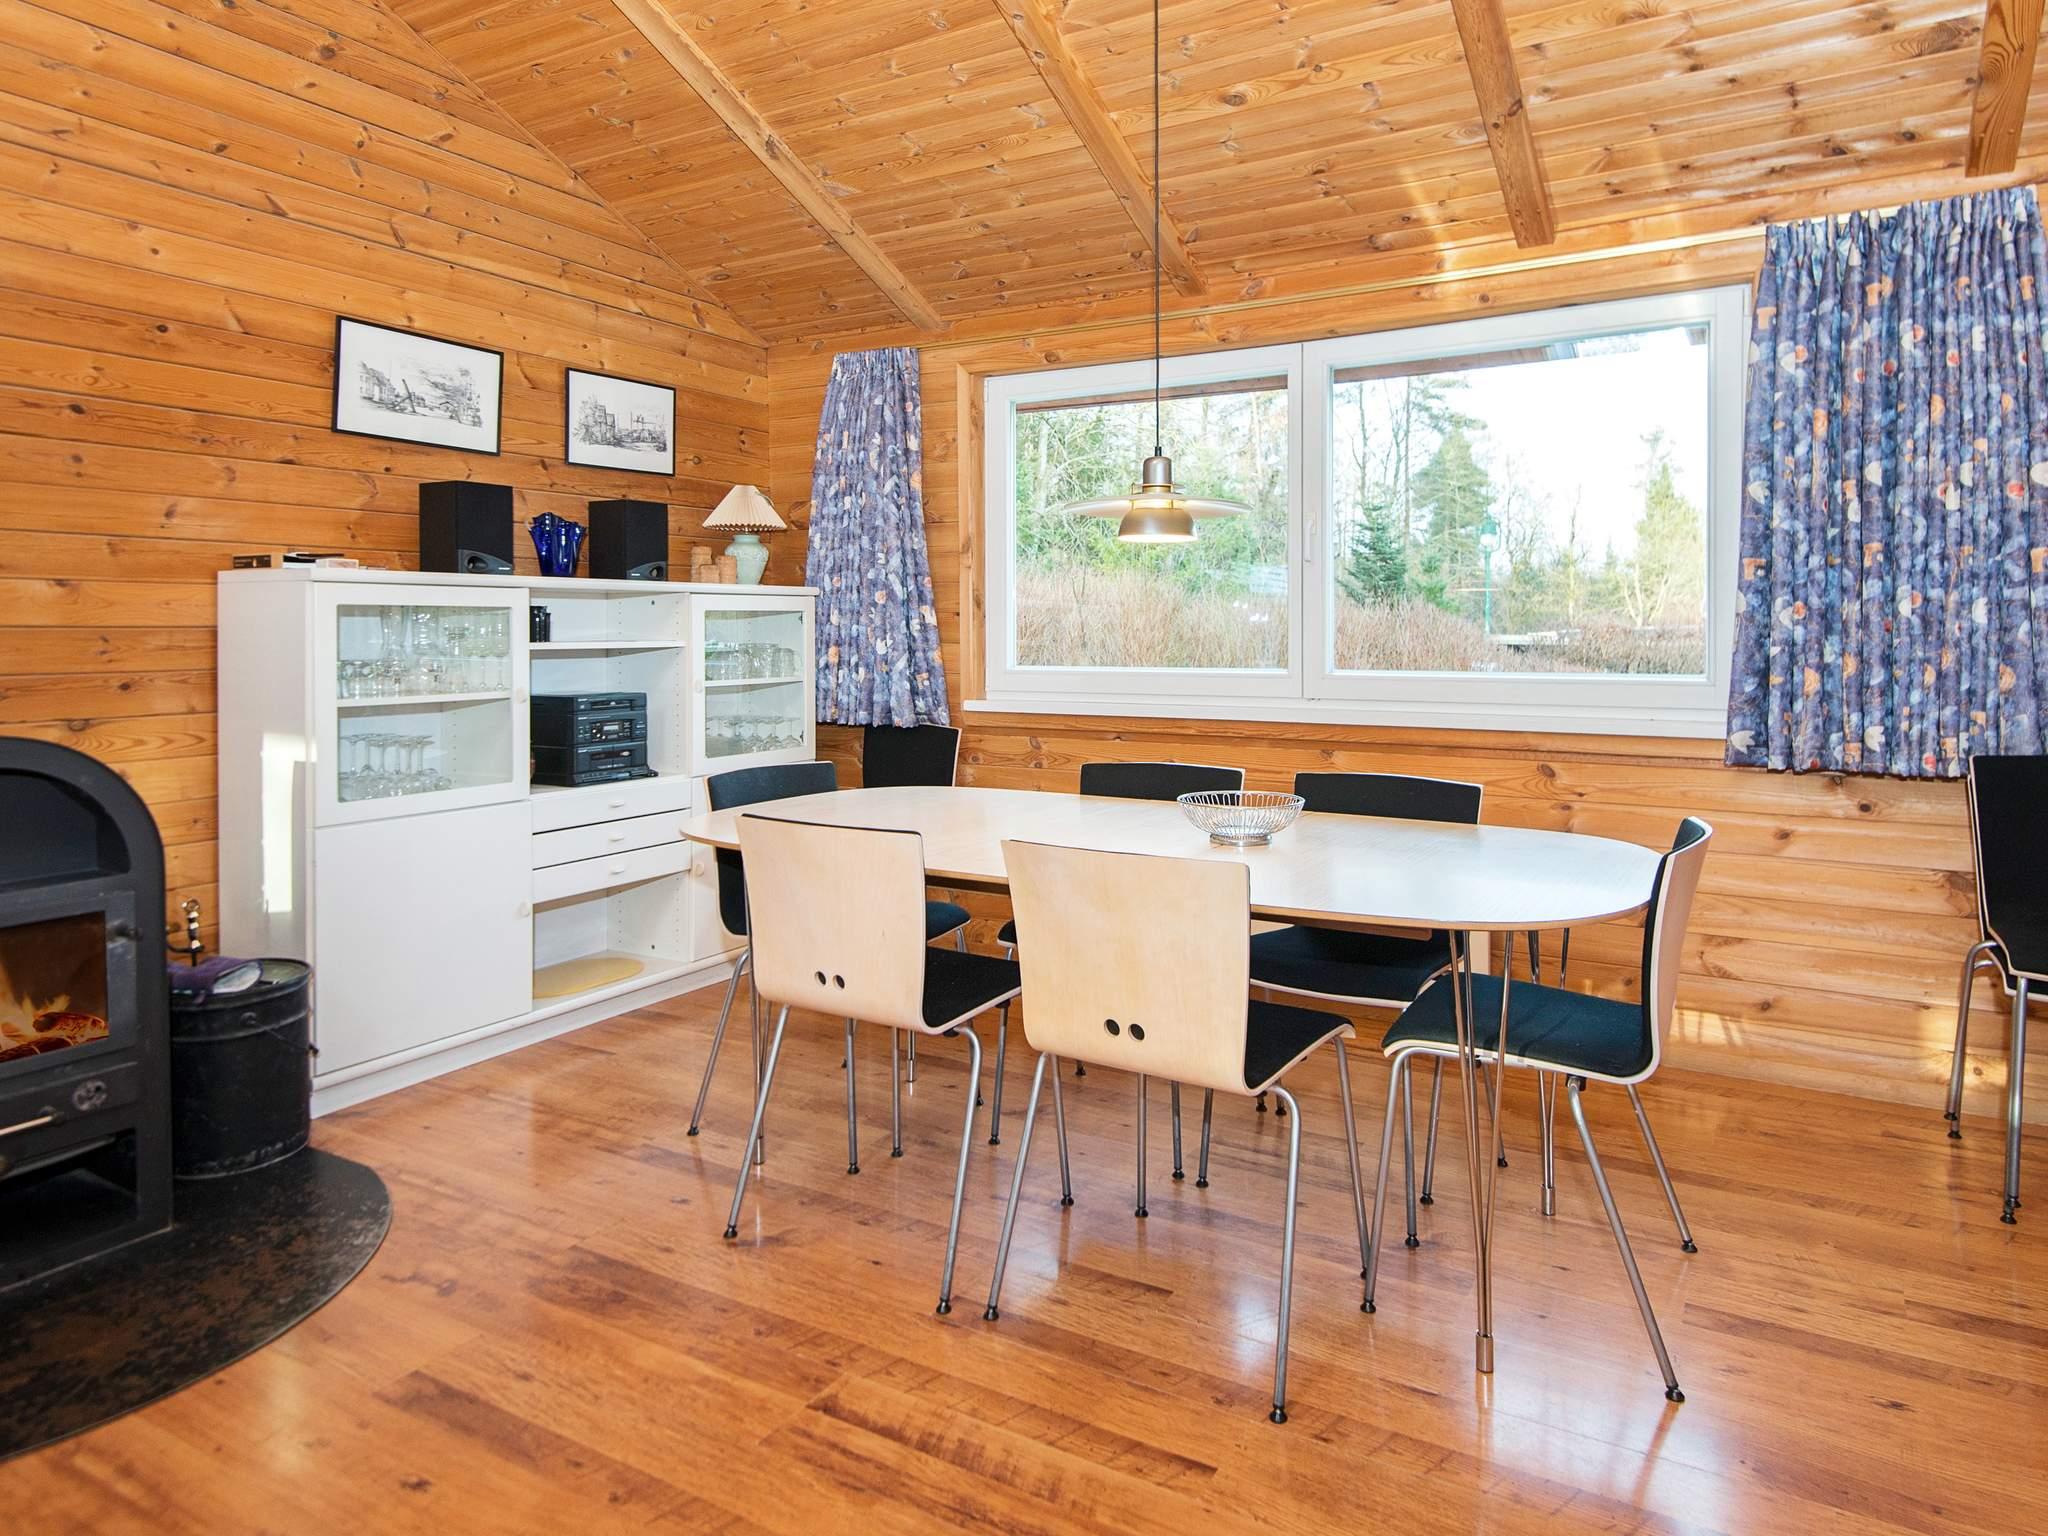 Ferienhaus Silkeborg (84171), Silkeborg, , Ostjütland, Dänemark, Bild 7